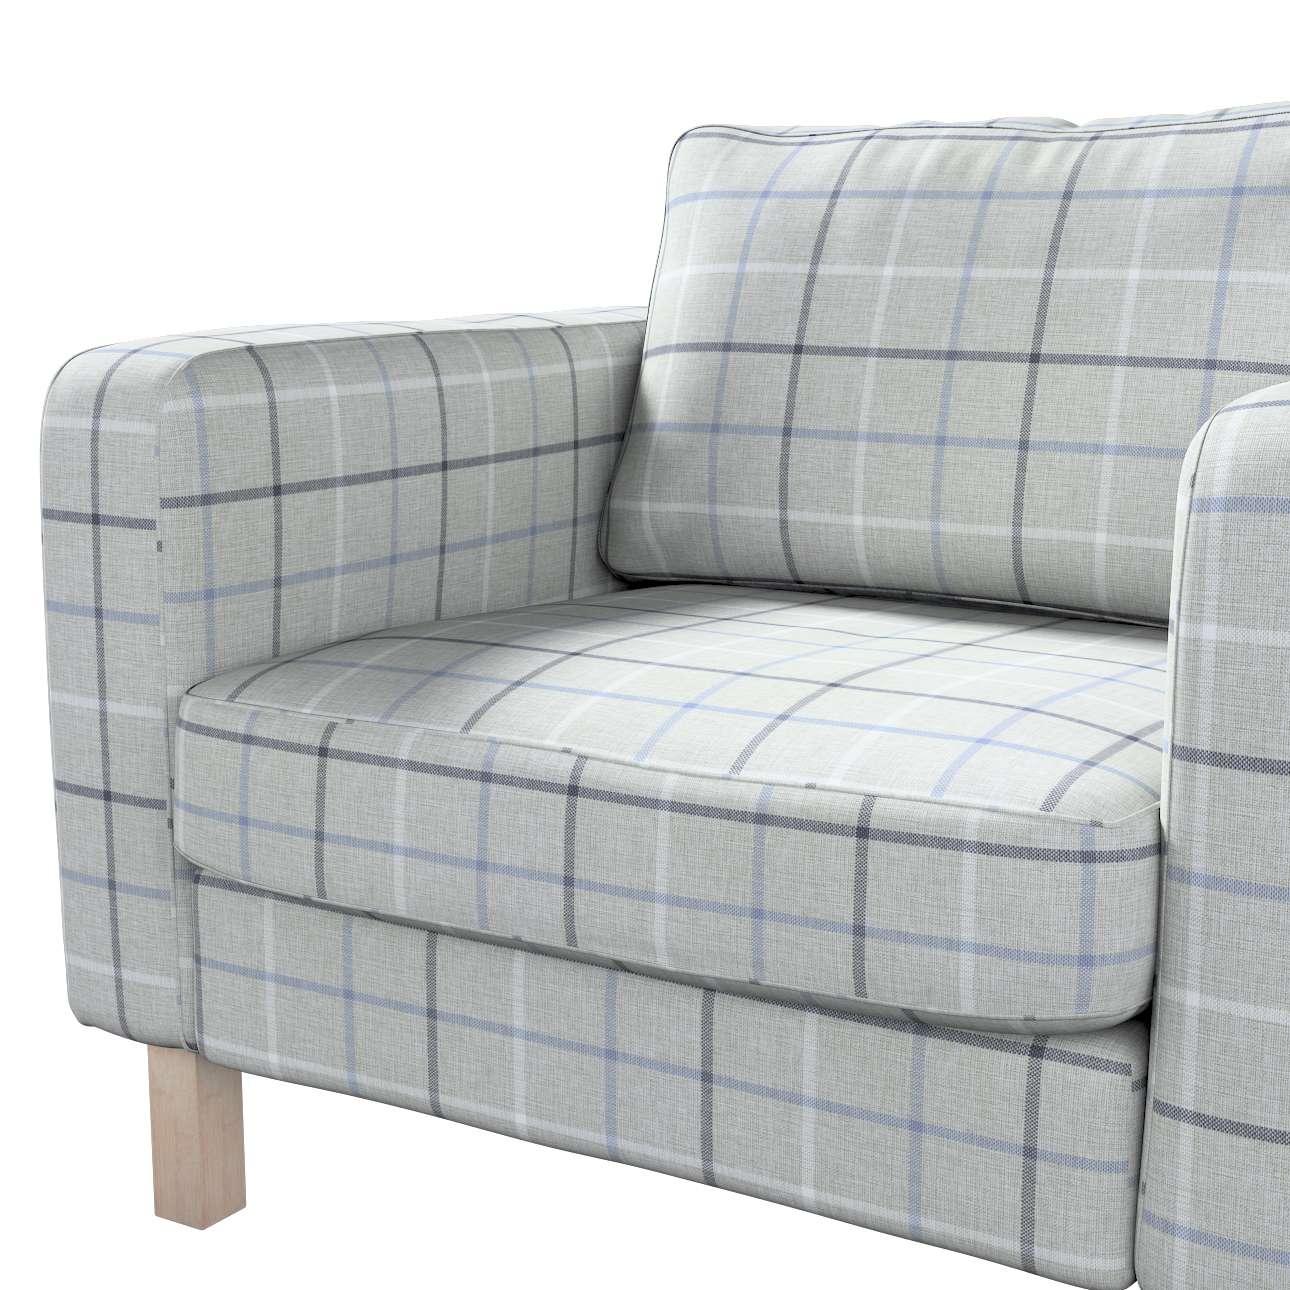 Pokrowiec na fotel Karlstad, krótki w kolekcji Edinburgh, tkanina: 703-18